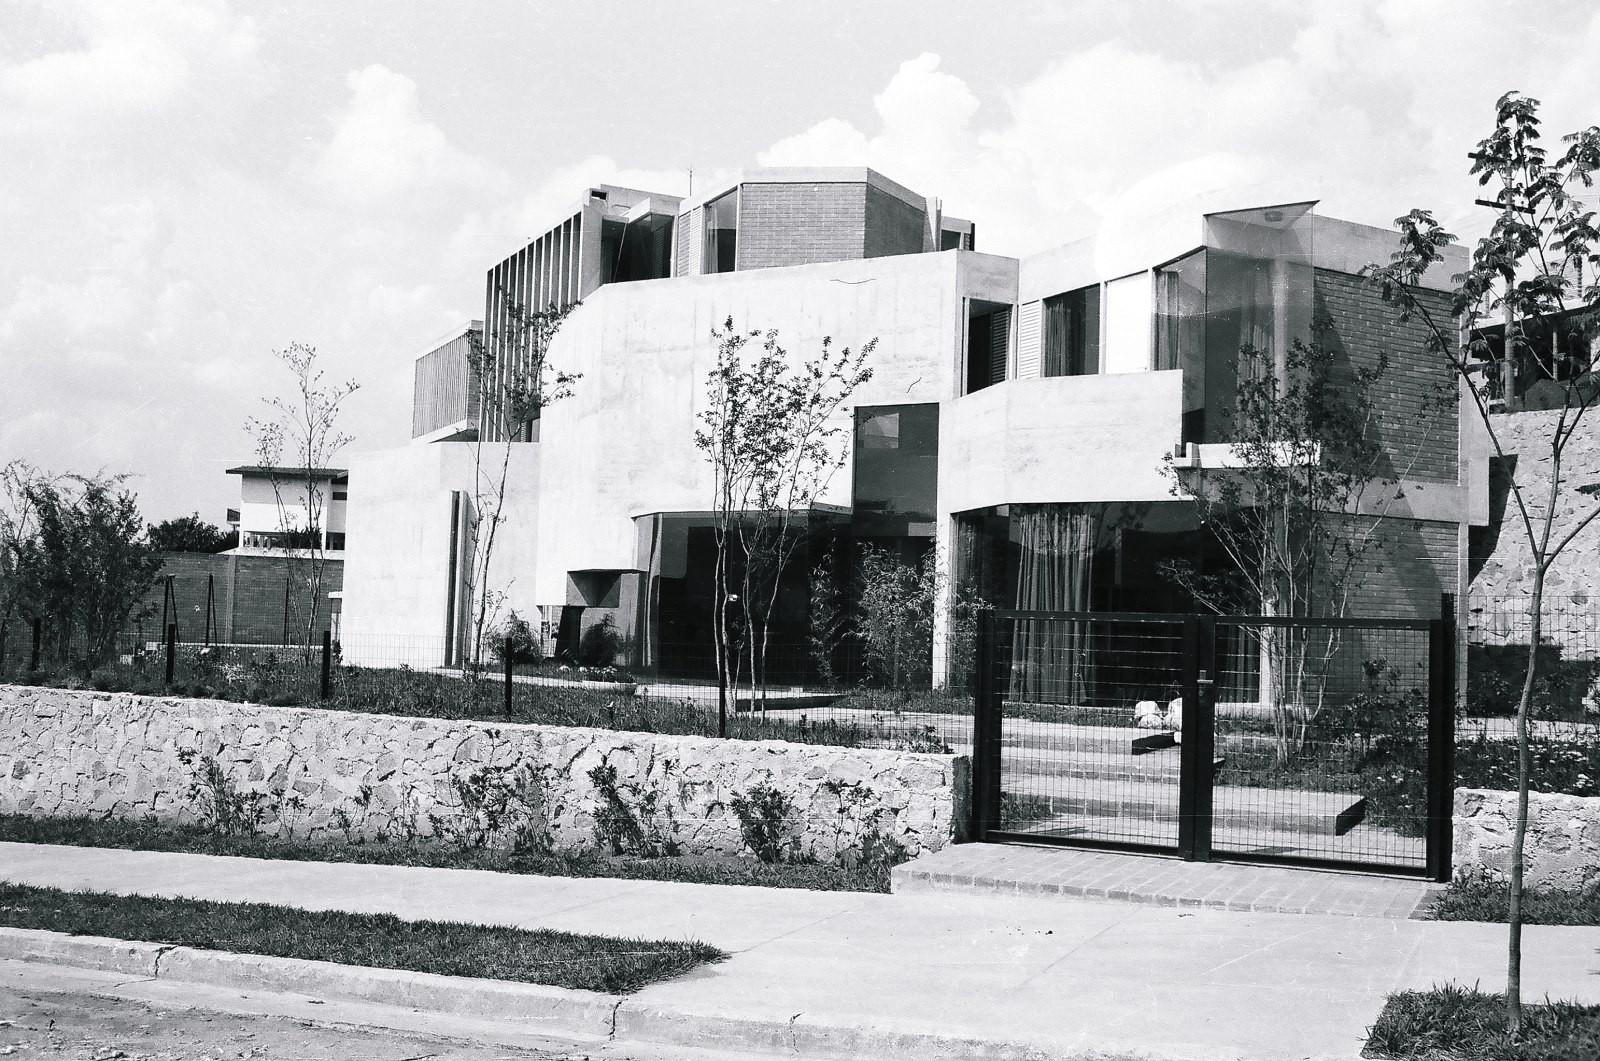 Clássicos da Arquitetura: Residência Waldo Perseu Pereira / Joaquim Guedes